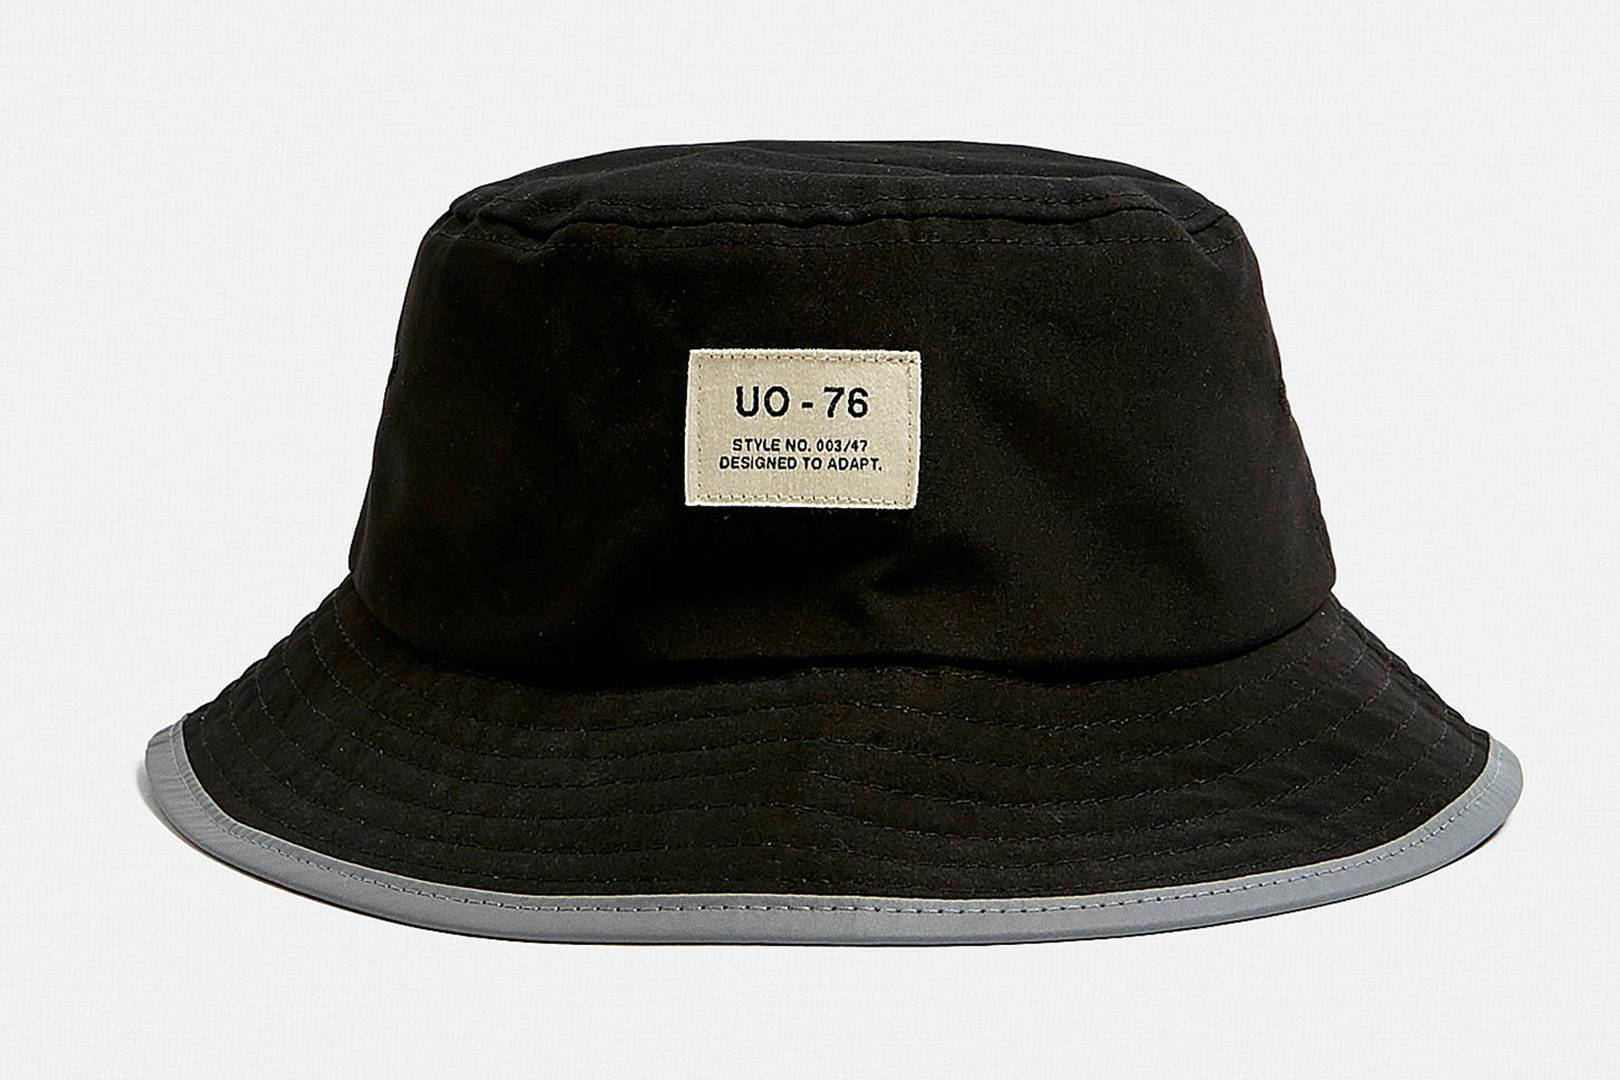 594d6cb4825 Best men s bucket hats